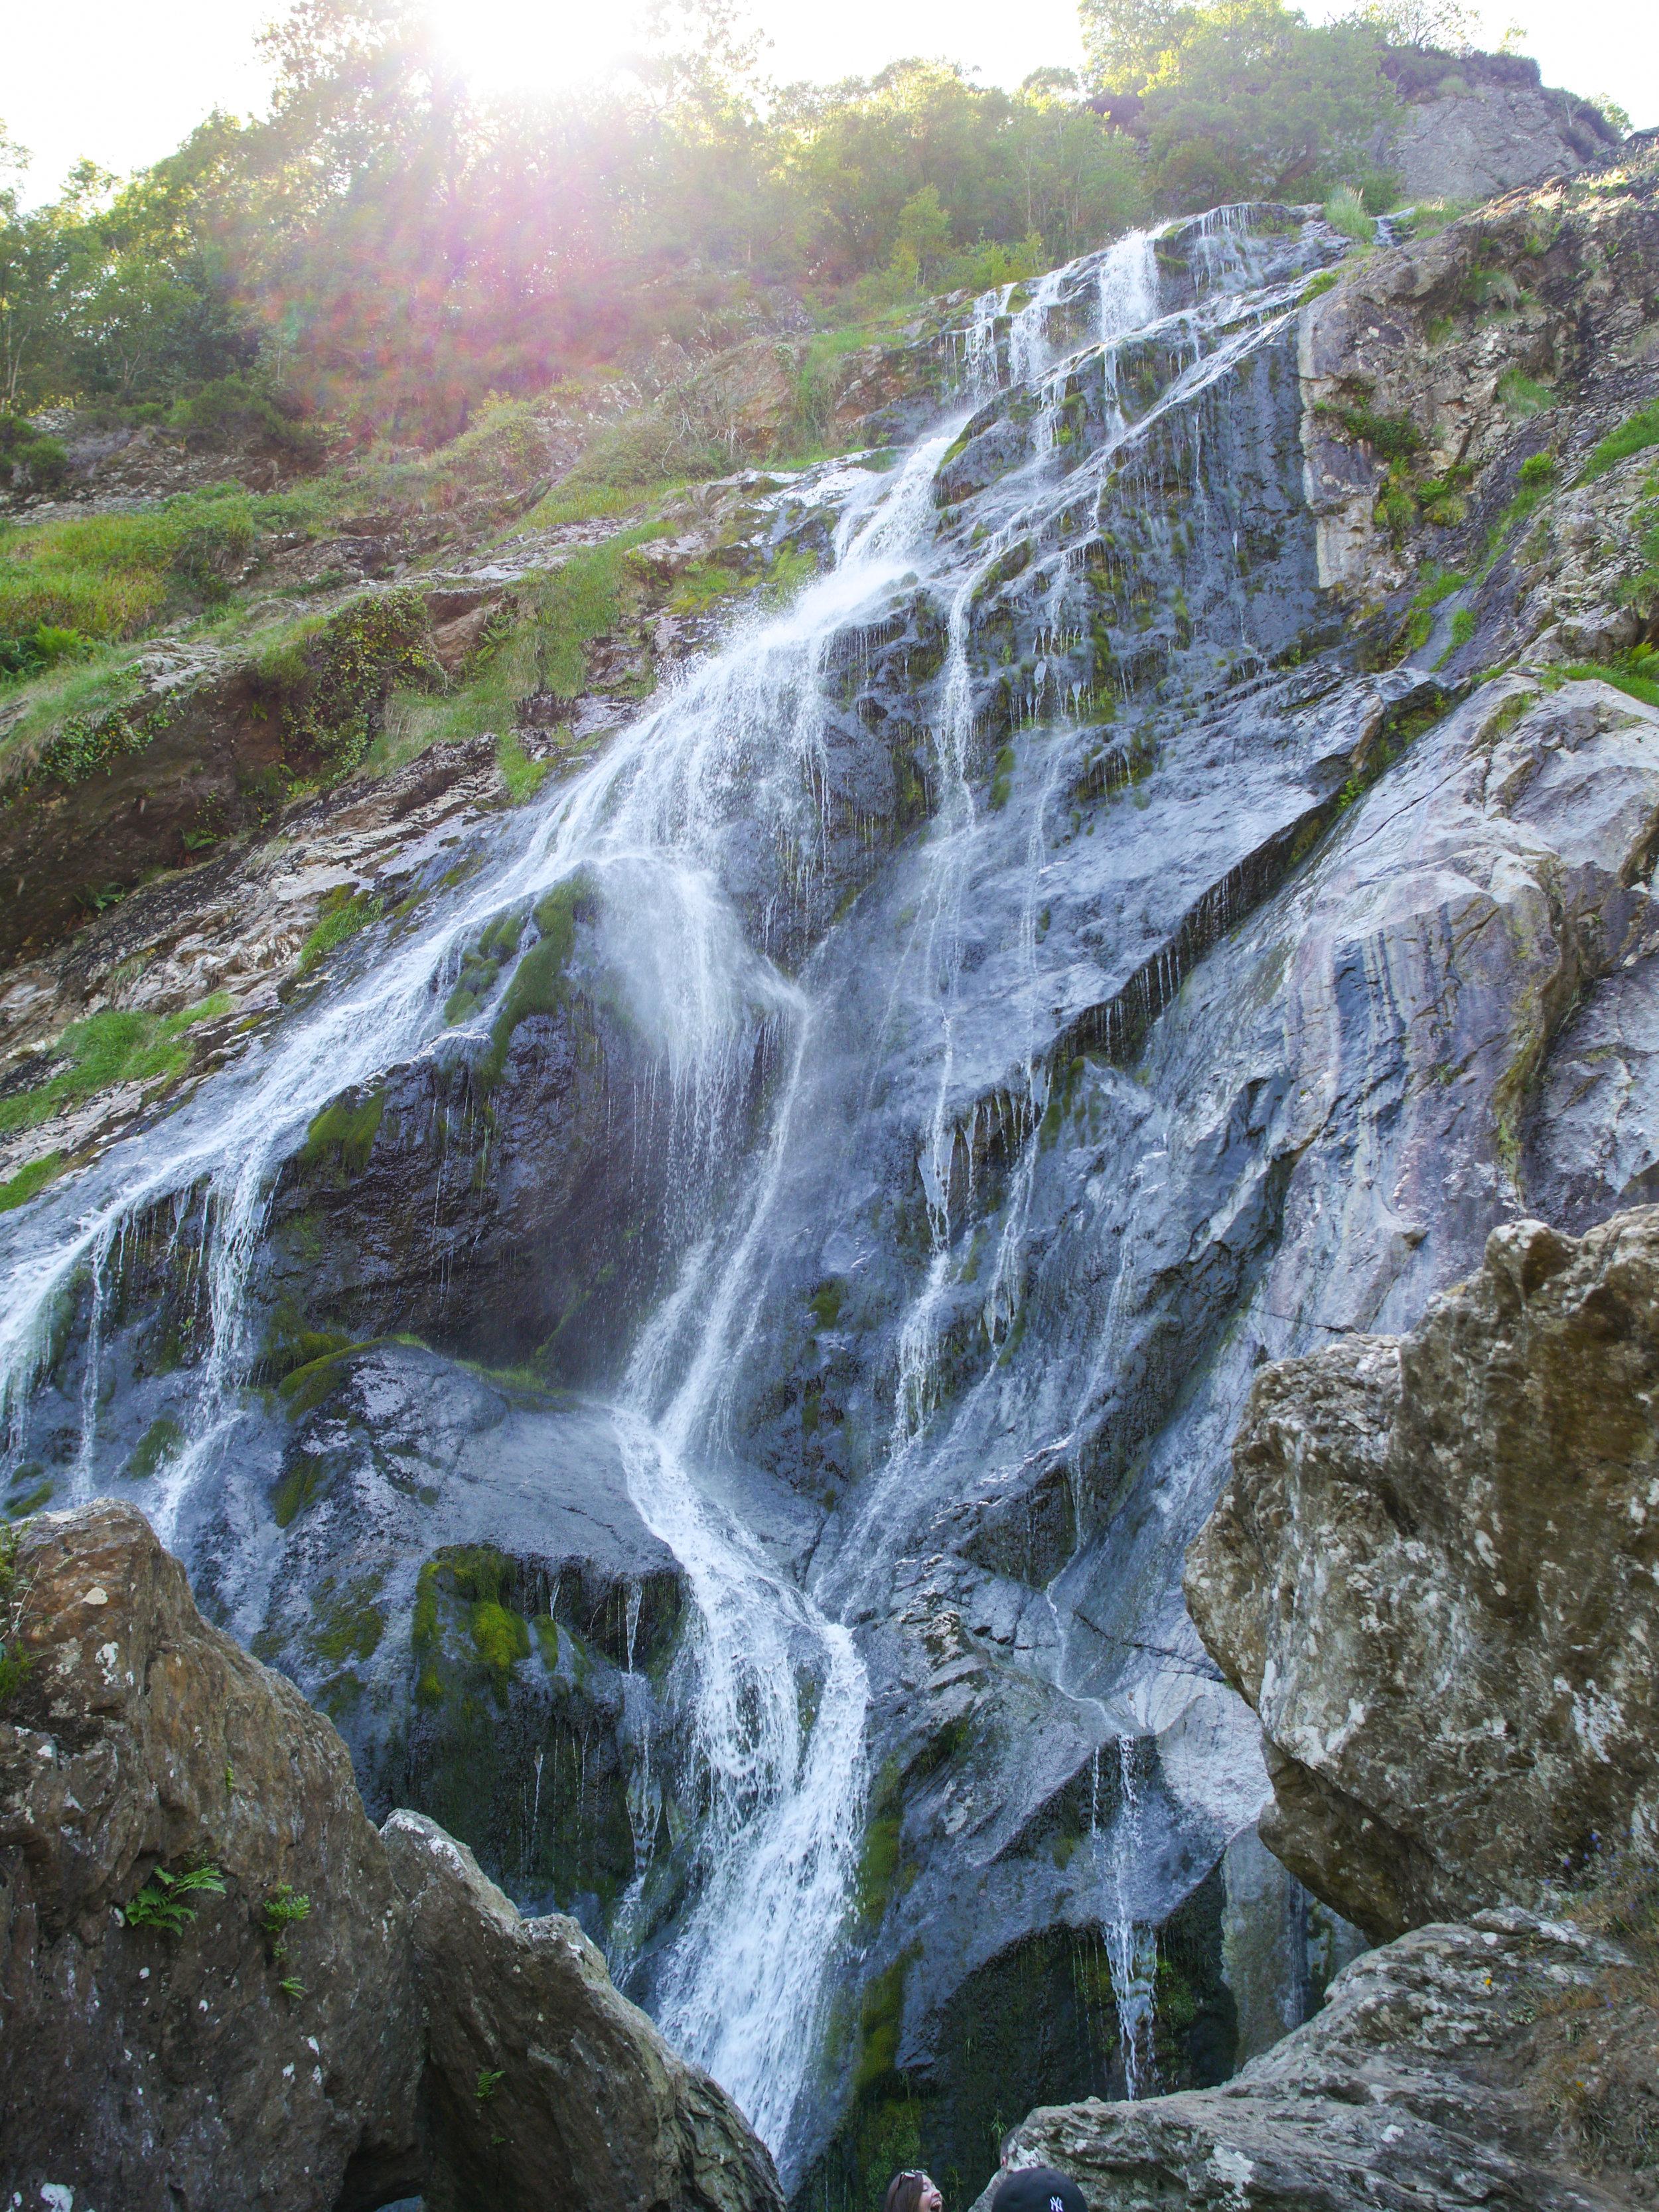 Powerscourt Waterfall in Wicklow, Ireland